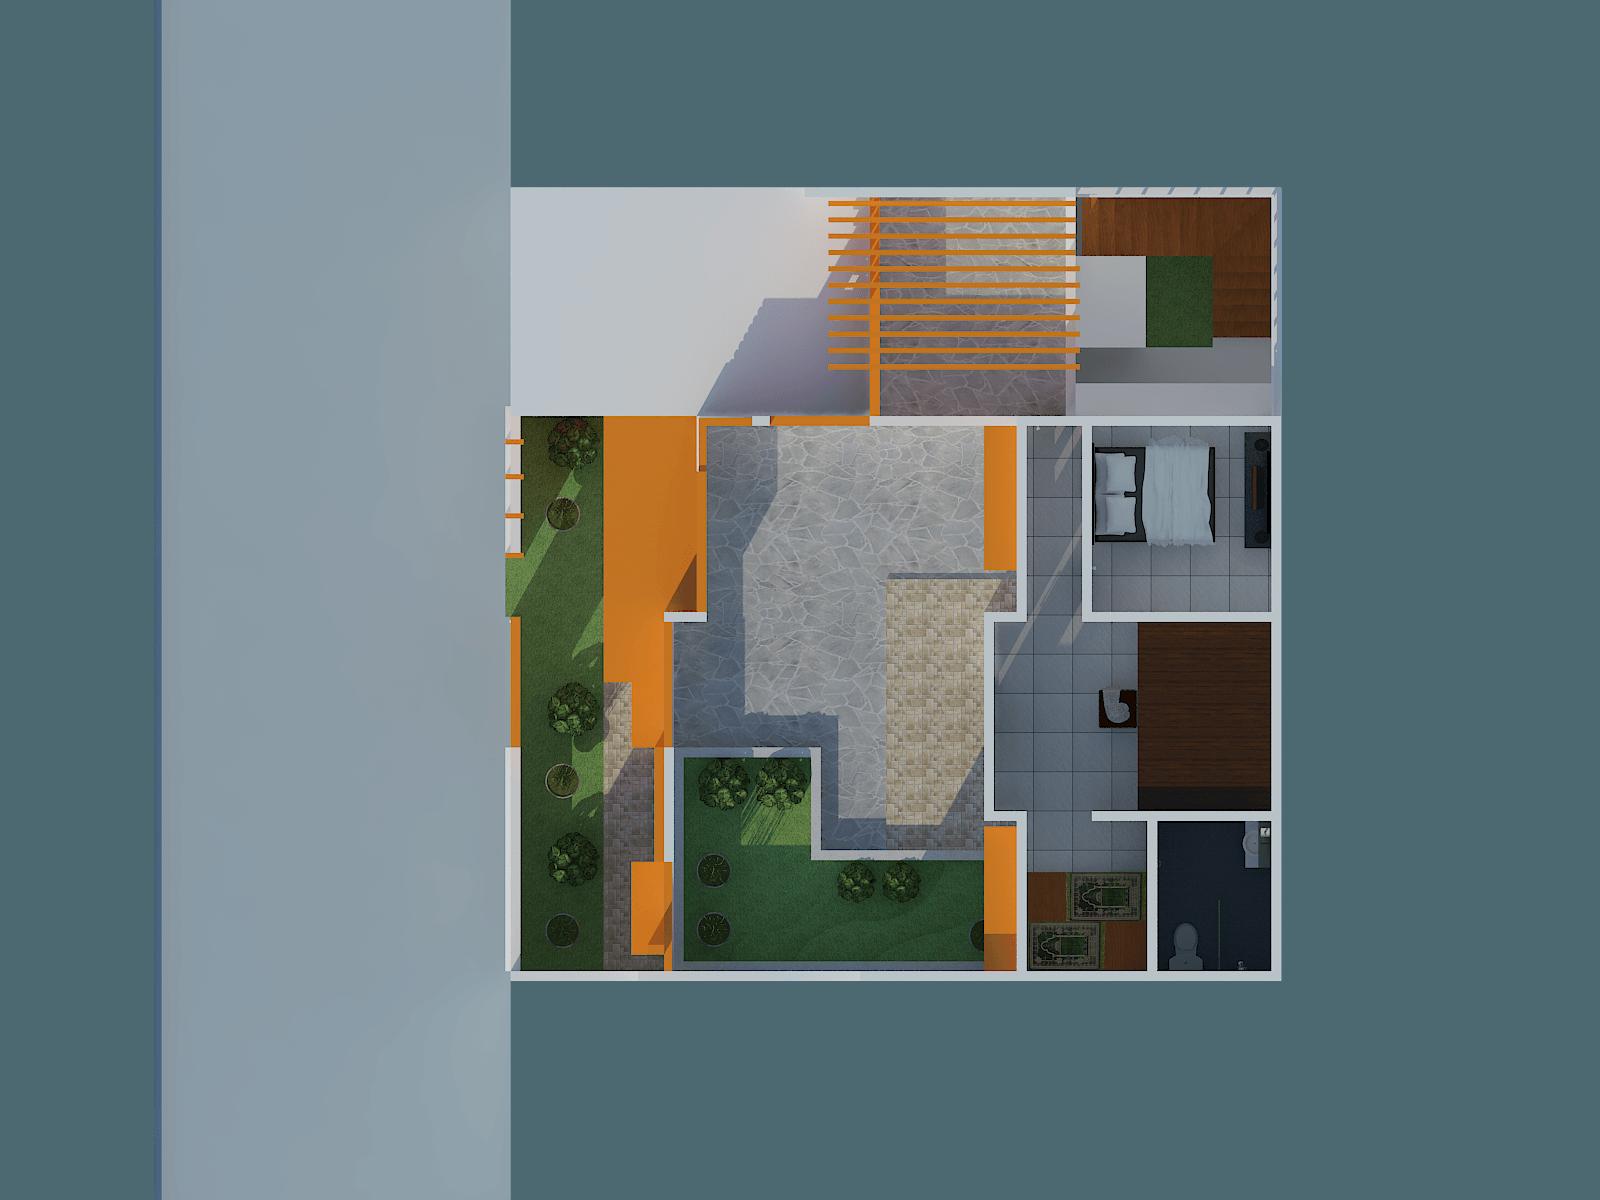 Archdesignbuild7 Project Renovasi Dan Pengembangan Rumah 2Lt Jl. Mars Sel. Ii, Manjahlega, Rancasari, Kota Bandung, Jawa Barat 40286, Indonesia  View-Mars-6   33035